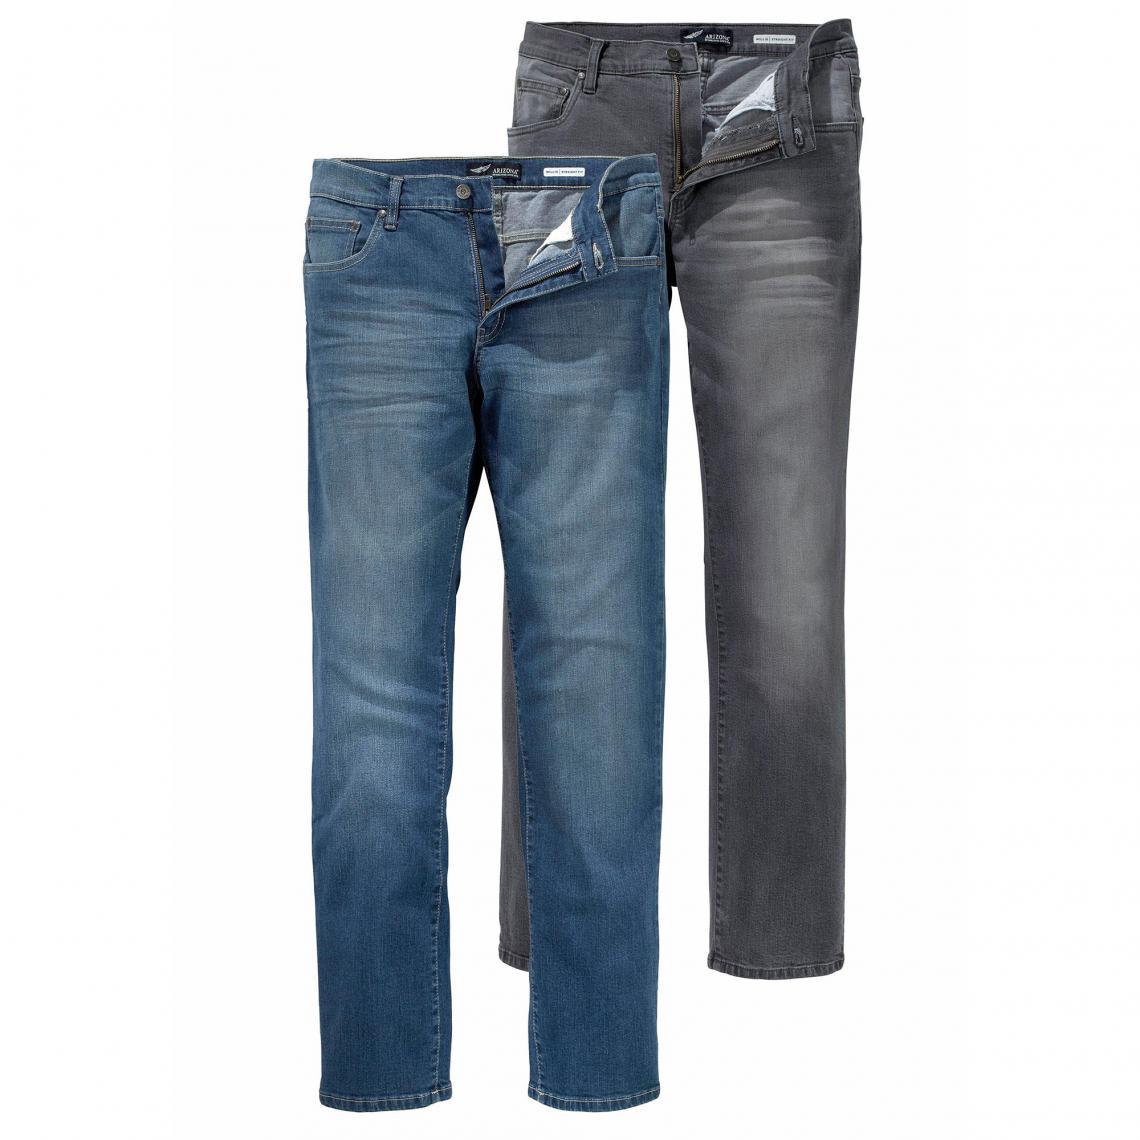 Stretch Lot Droite De Poches Coupe Willis Jeans Homme 5 2 Coton 61BpqF